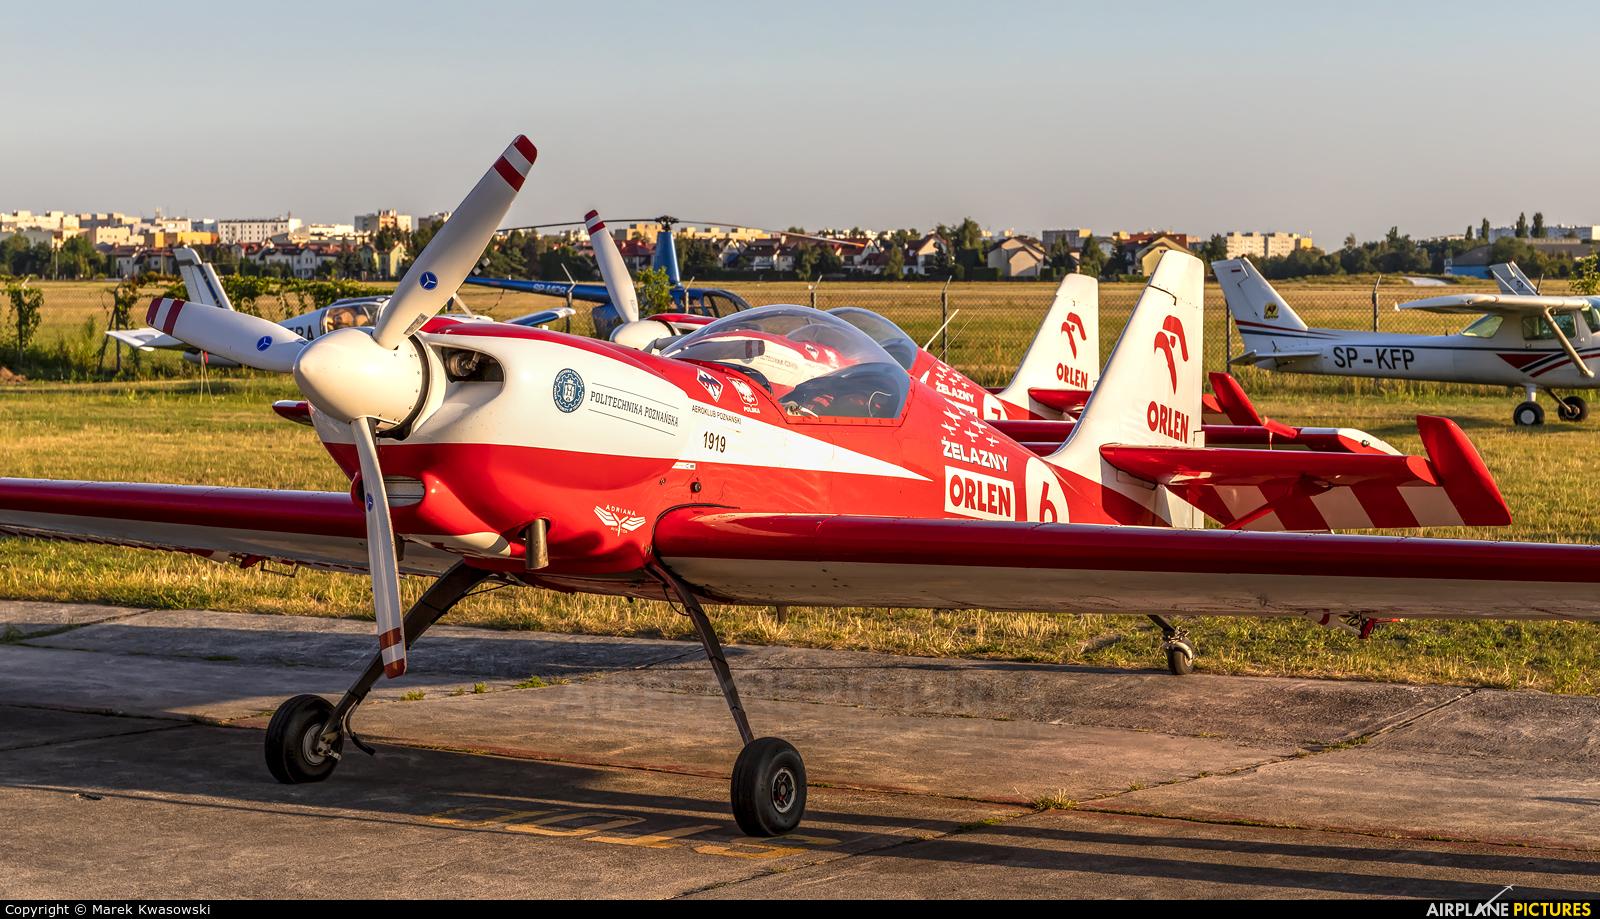 Grupa Akrobacyjna Żelazny - Acrobatic Group SP-AUC aircraft at Warsaw - Babice